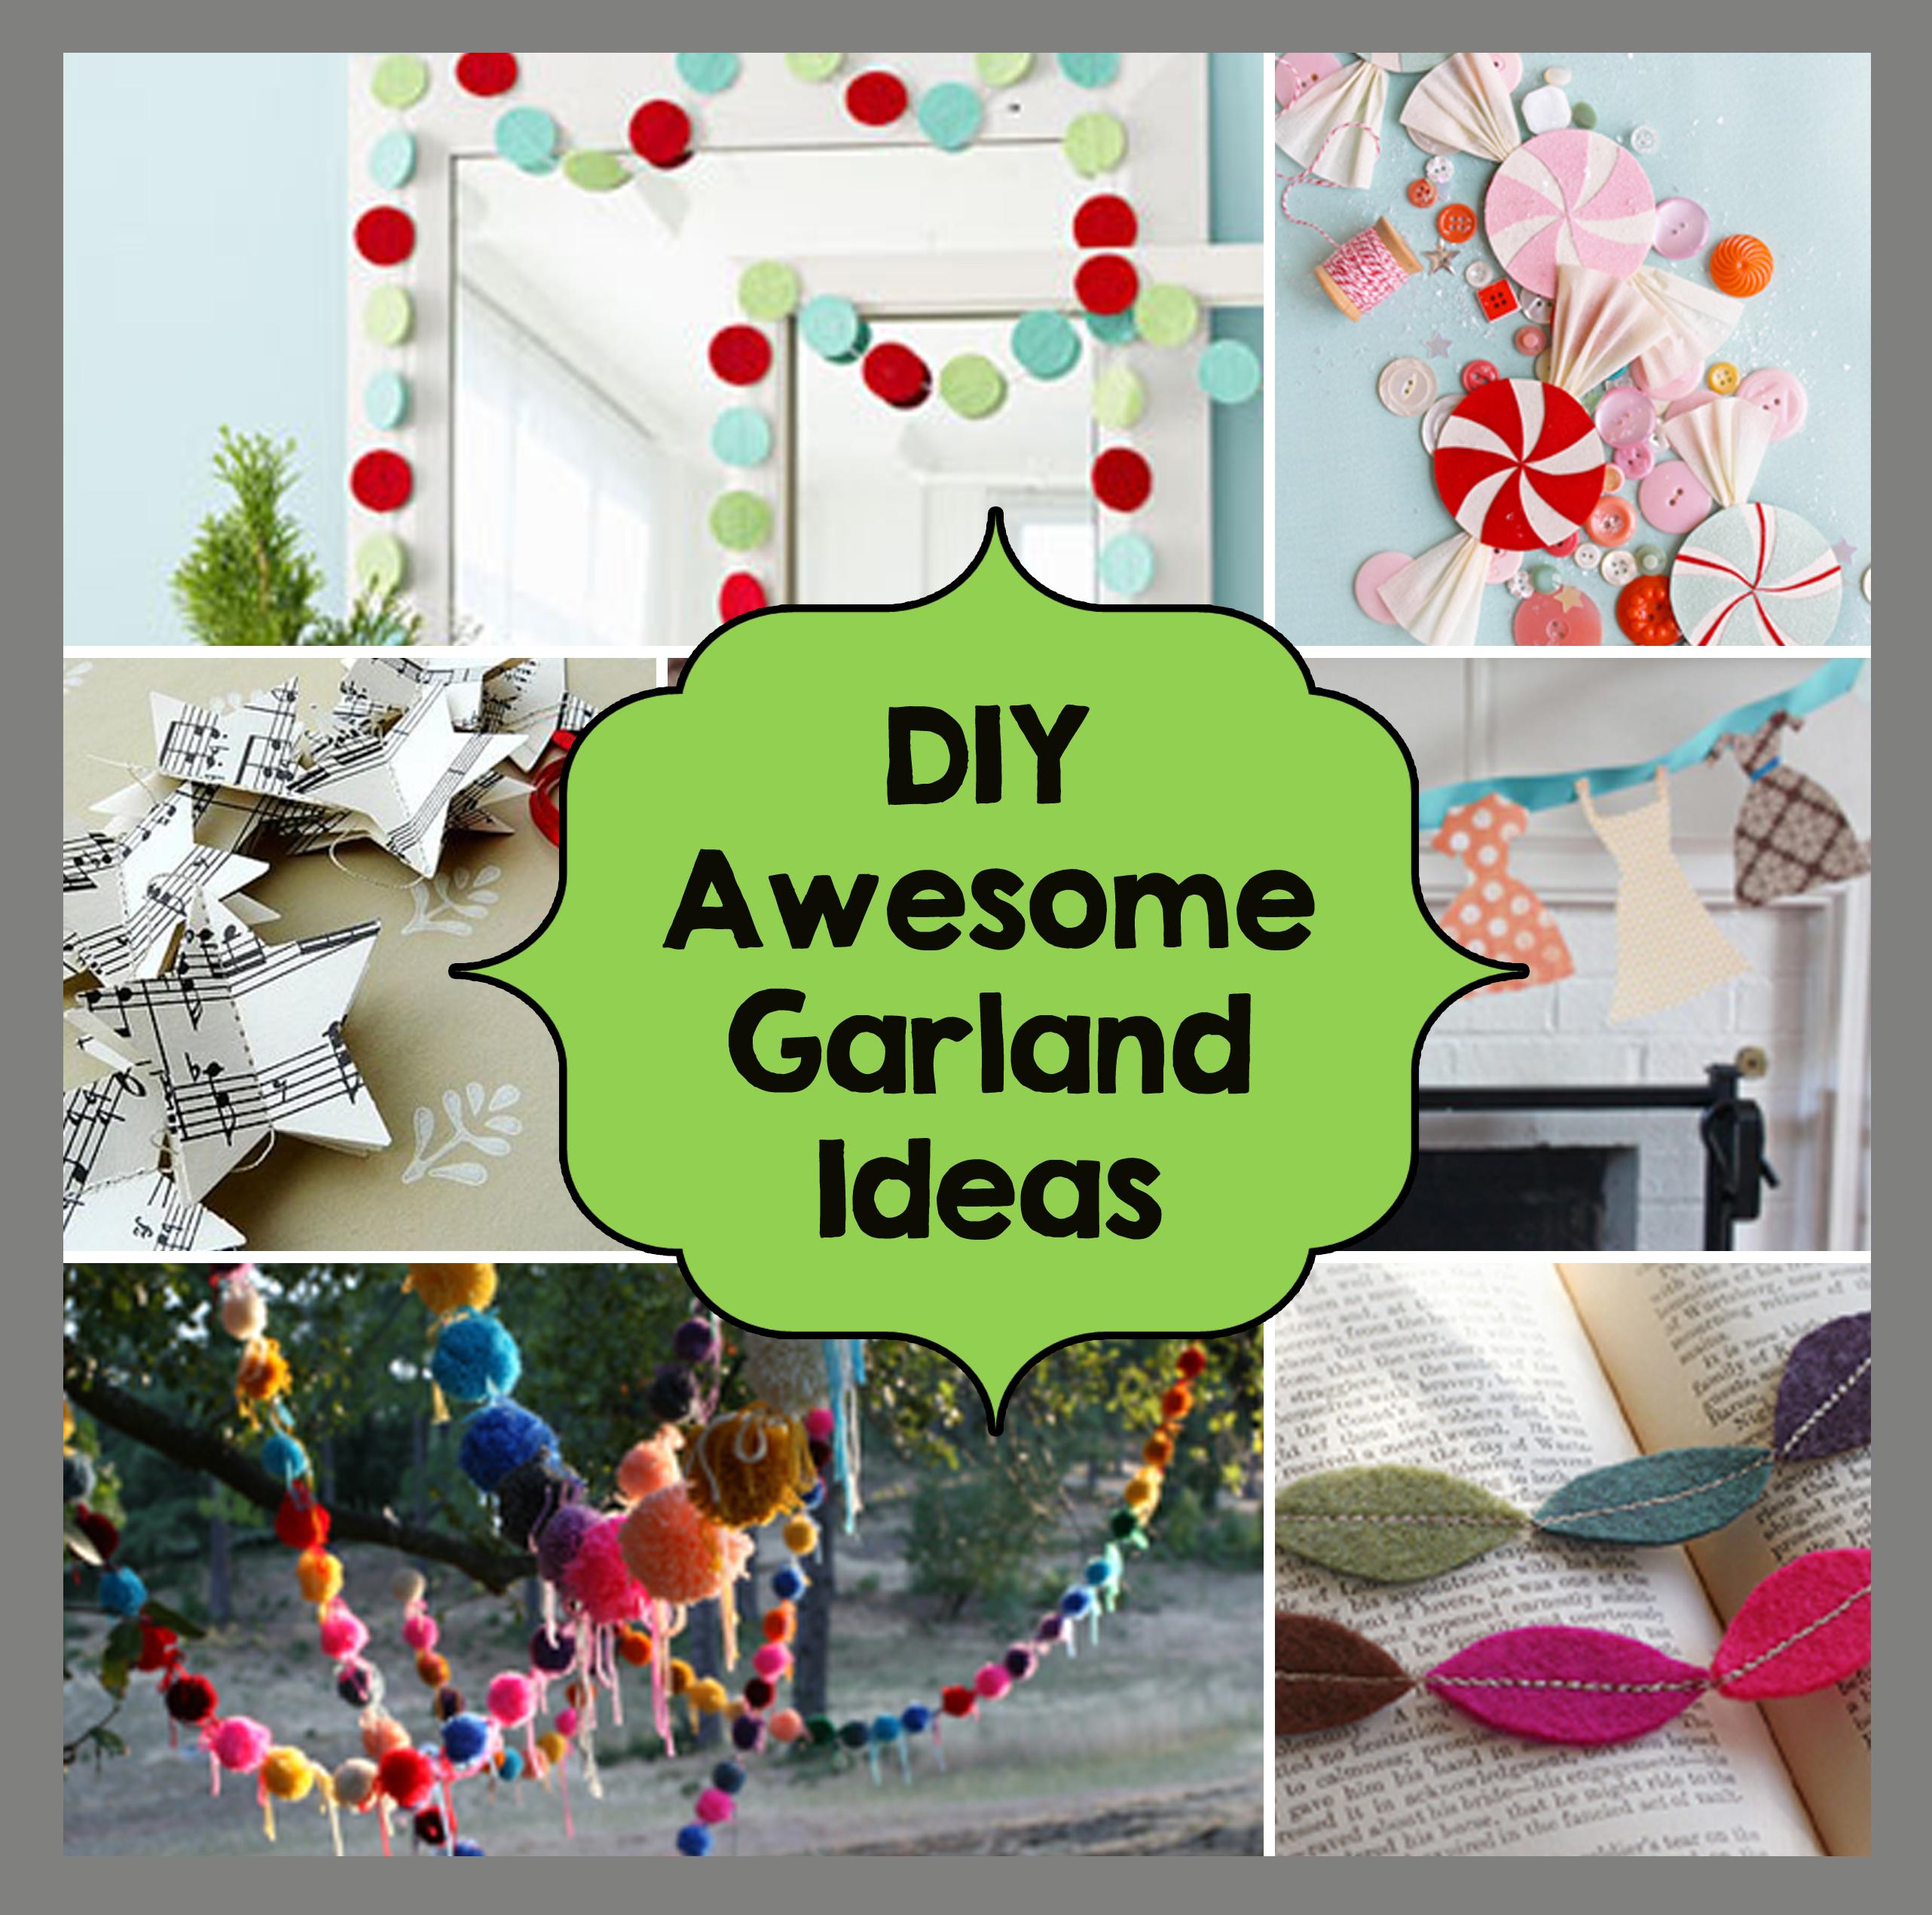 DIY Awesome Garland Ideas